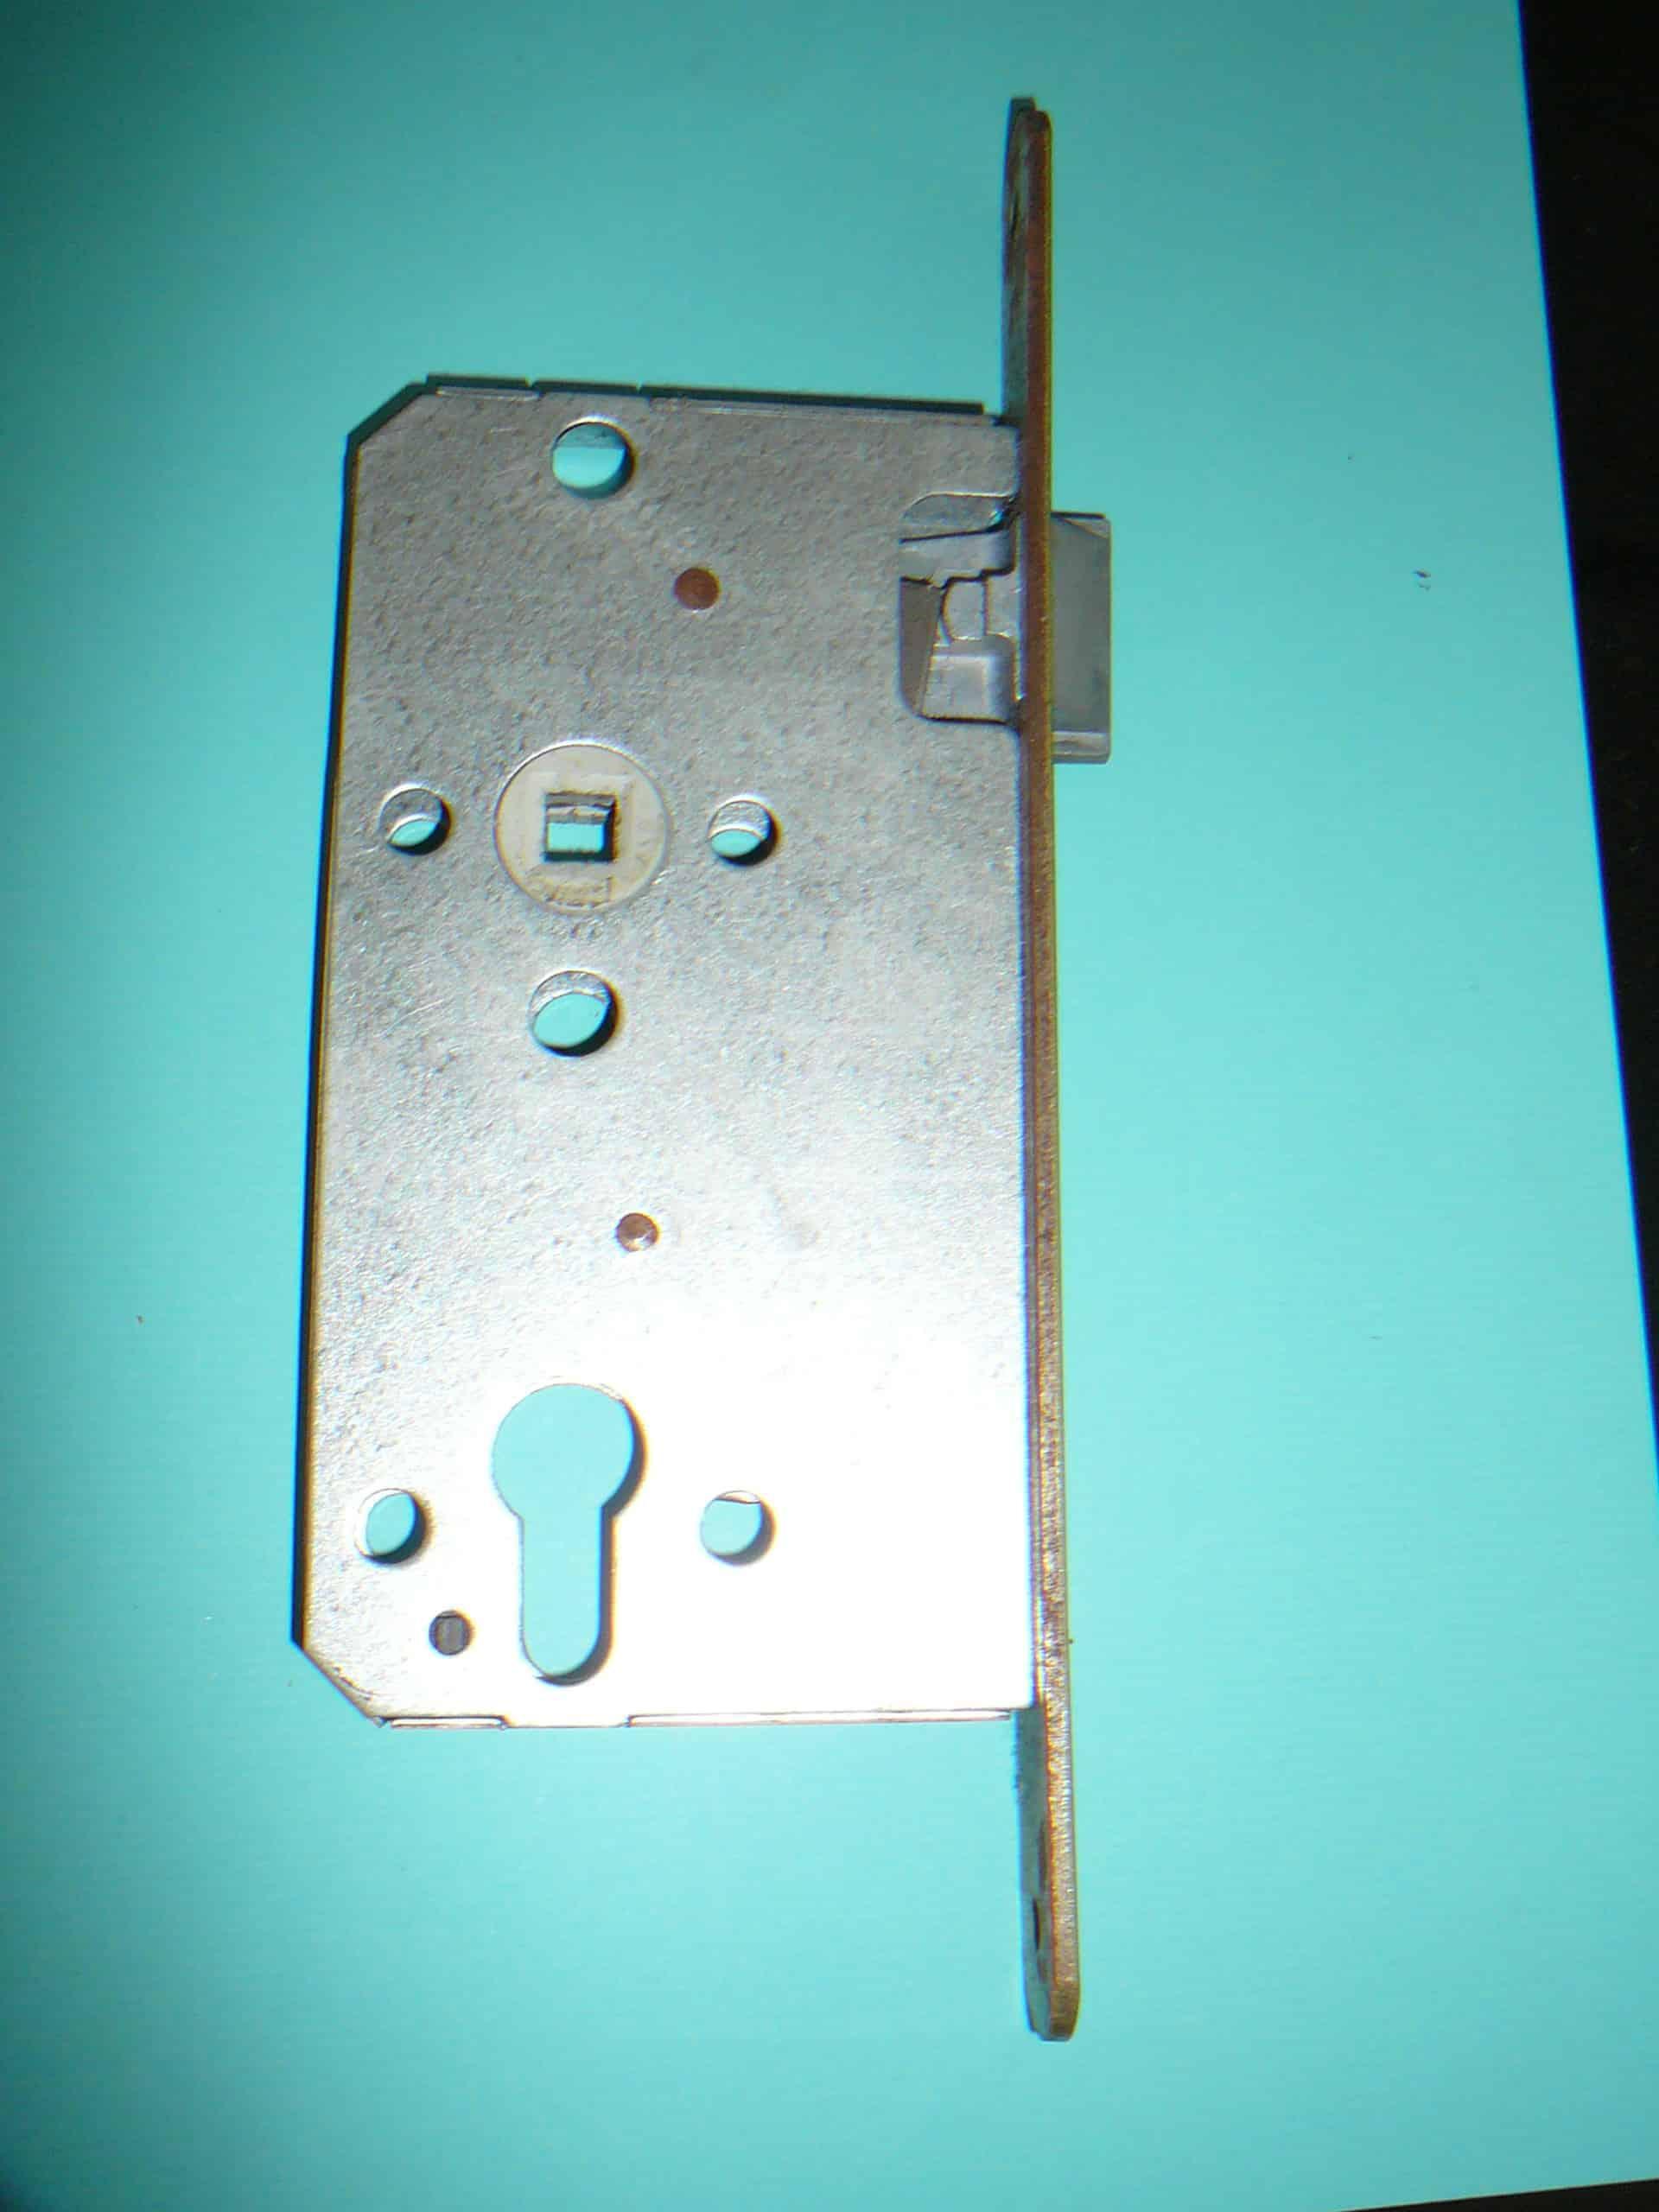 Einsteckschloss für Profilzylinder, Cabinet, 72 mm Entfernung Türzylinder zum Griff